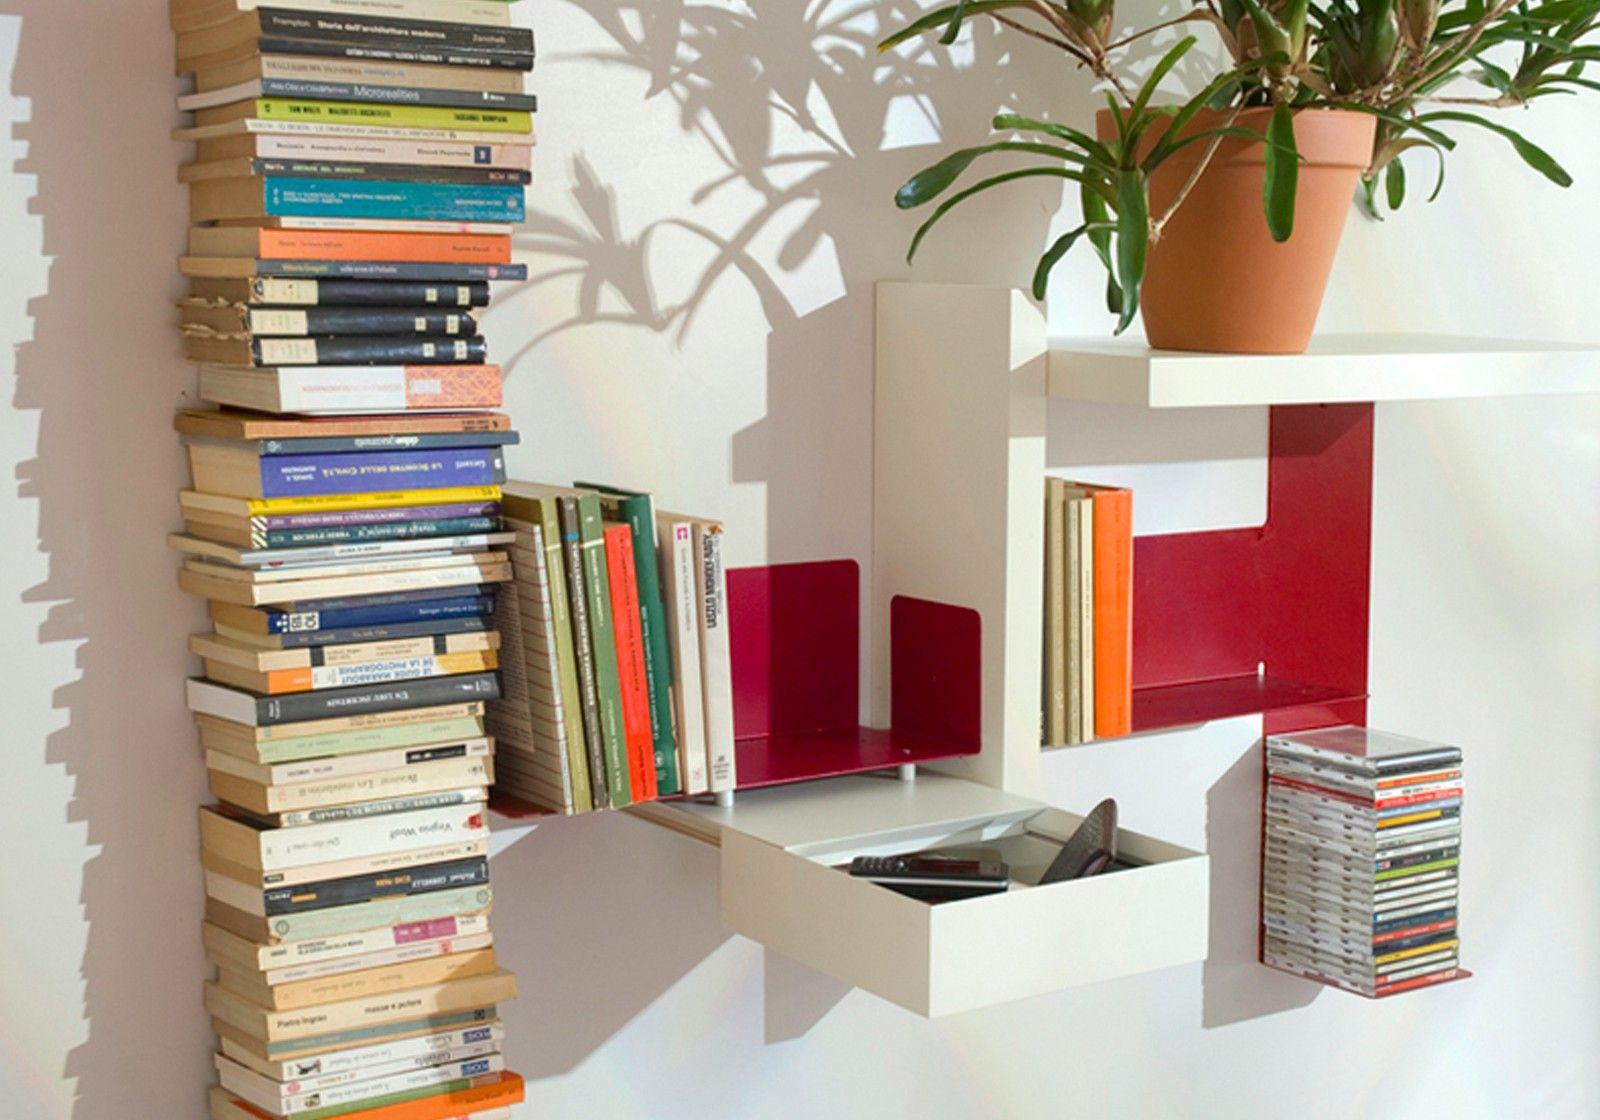 Beautiful Book Self Design Book Self Design Best Bookshelf With Cool  Bookcases With Cool Book Shelves.